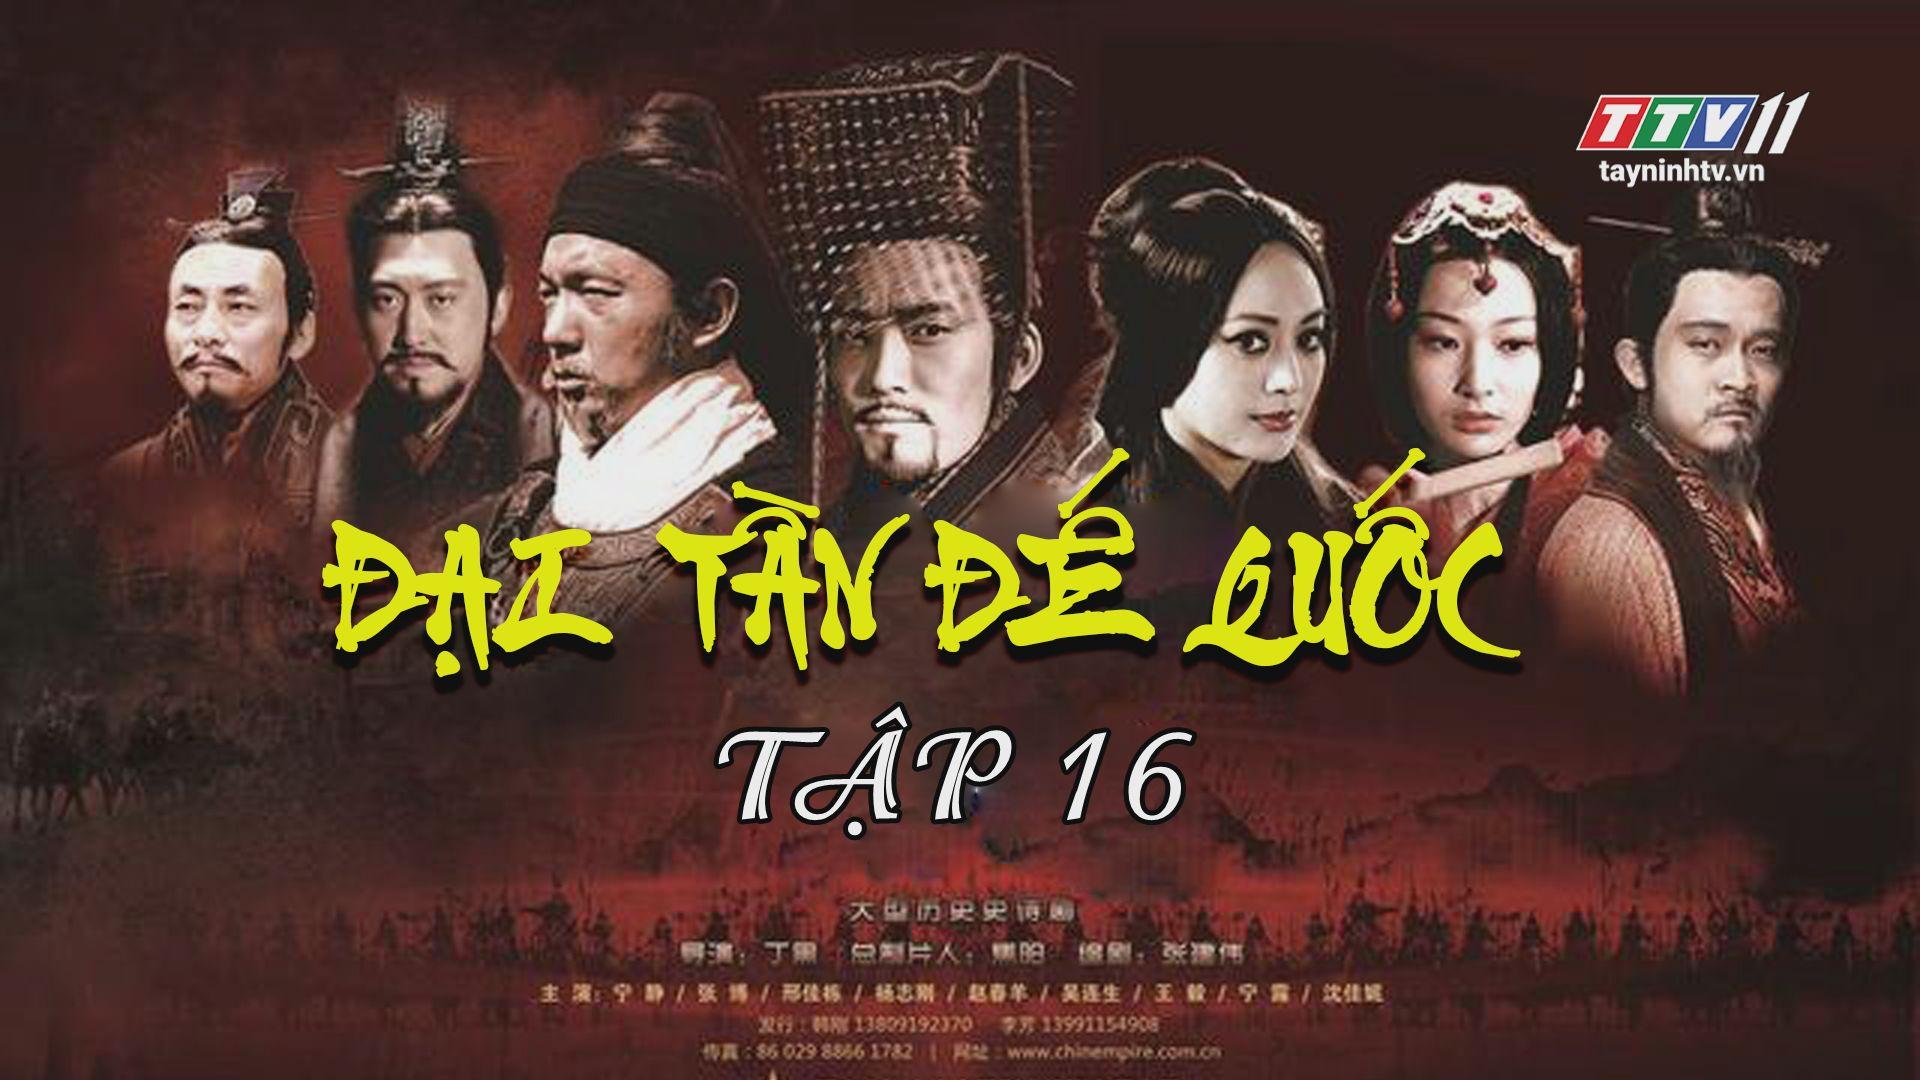 Tập 16 | ĐẠI TẦN ĐẾ QUỐC - Phần 3 | TayNinhTV